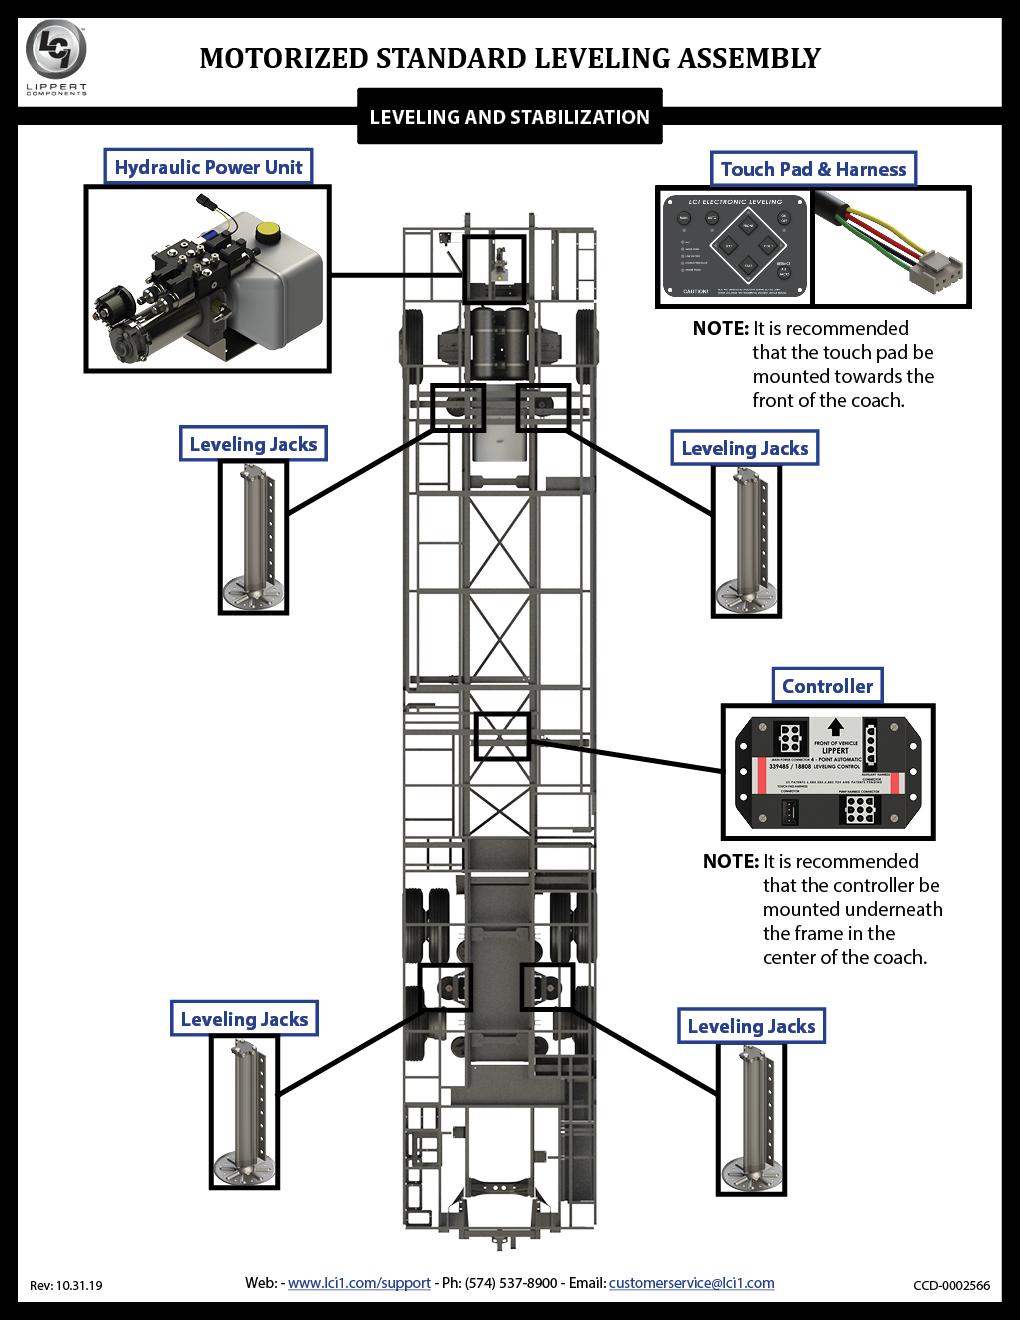 Motorized Standard Leveling Assembly